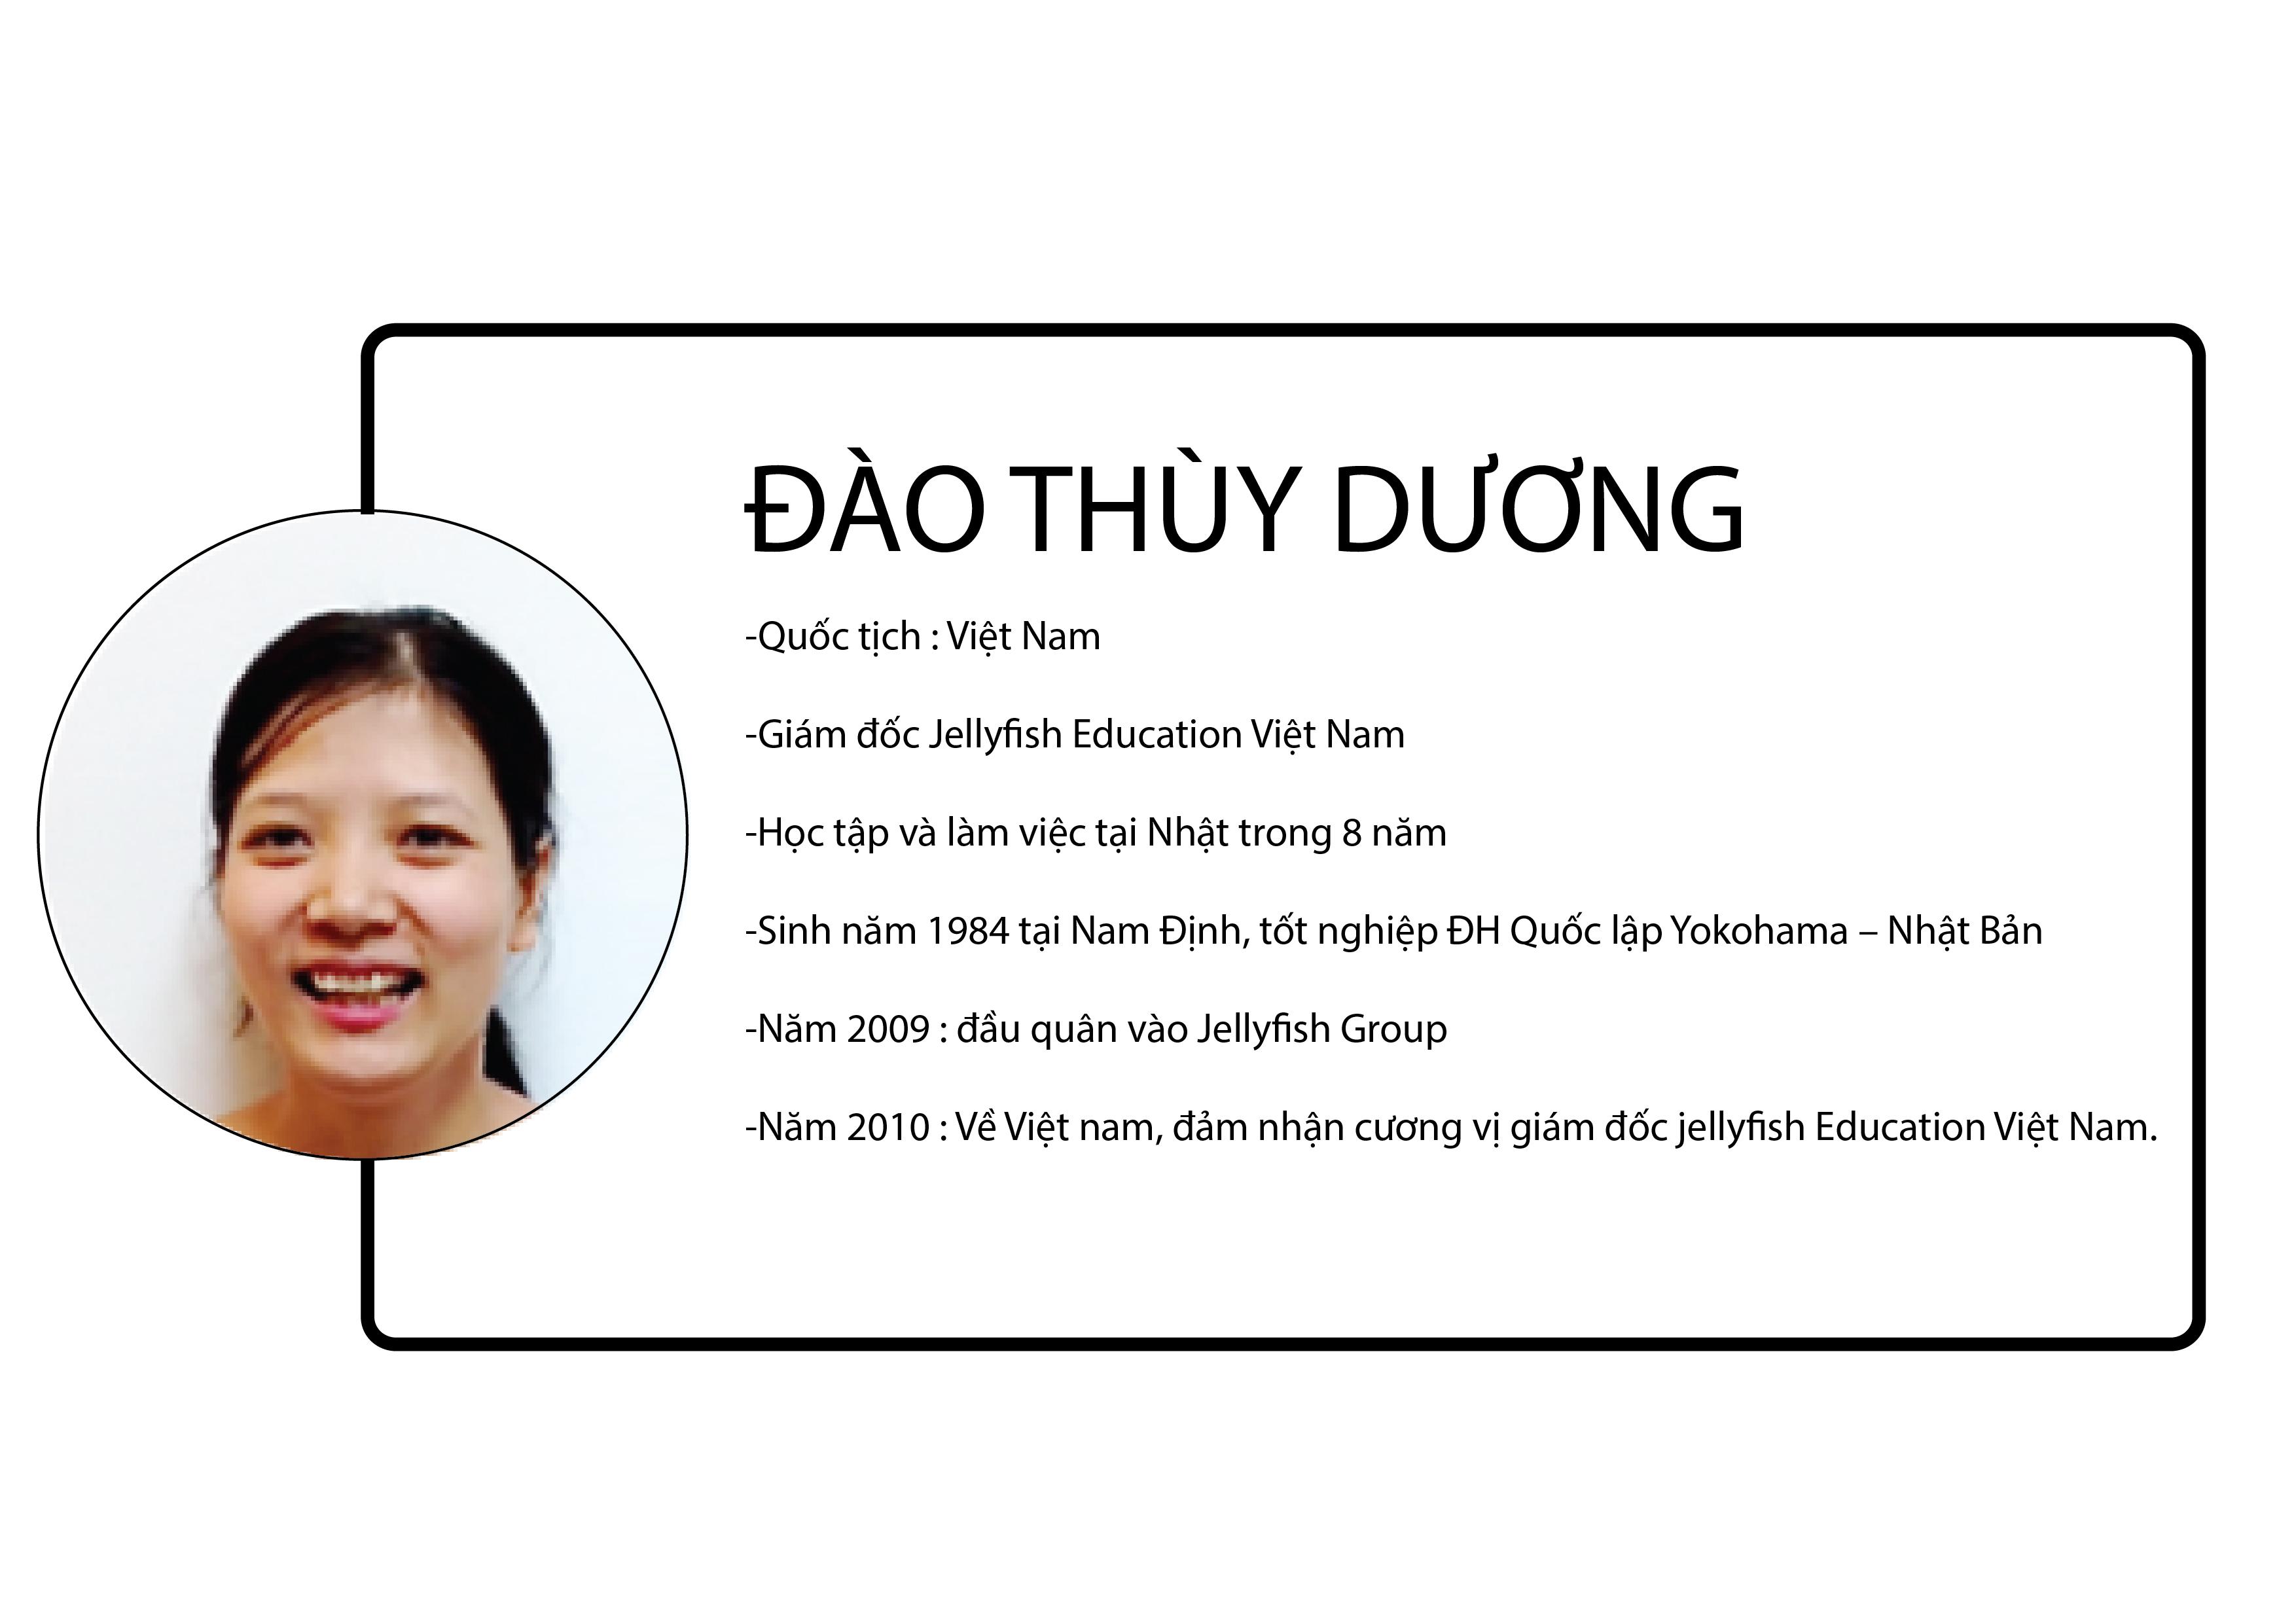 dao thuy duong-01